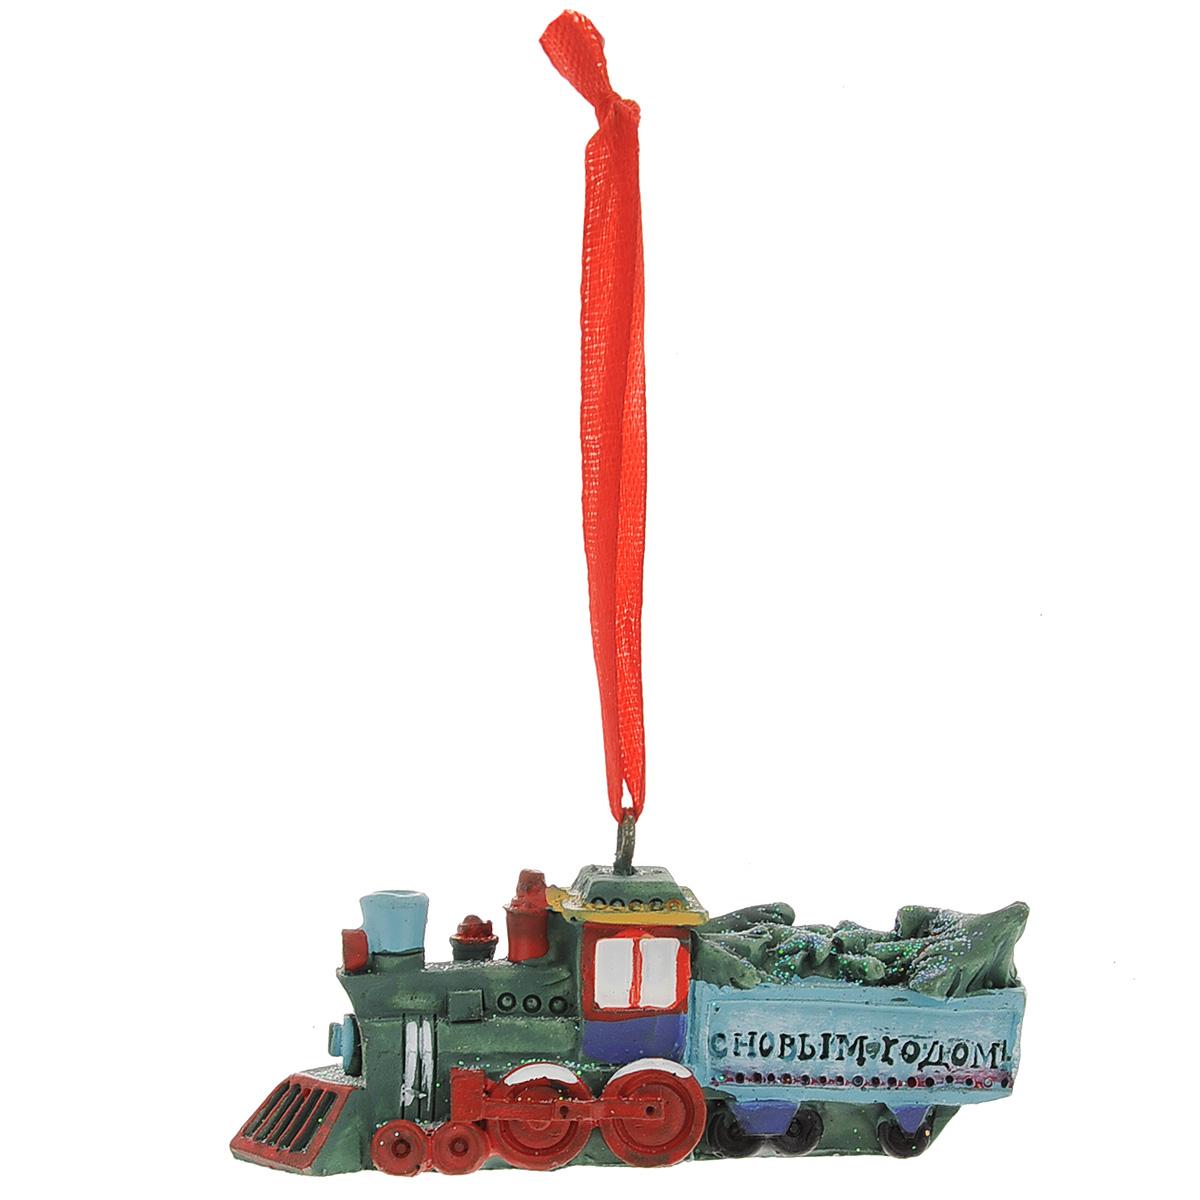 Новогоднее подвесное украшение Паровоз с елками. 3456734567Оригинальное новогоднее украшение из пластика прекрасно подойдет для праздничного декора дома и новогодней ели. Изделие крепится на елку с помощью металлического зажима.